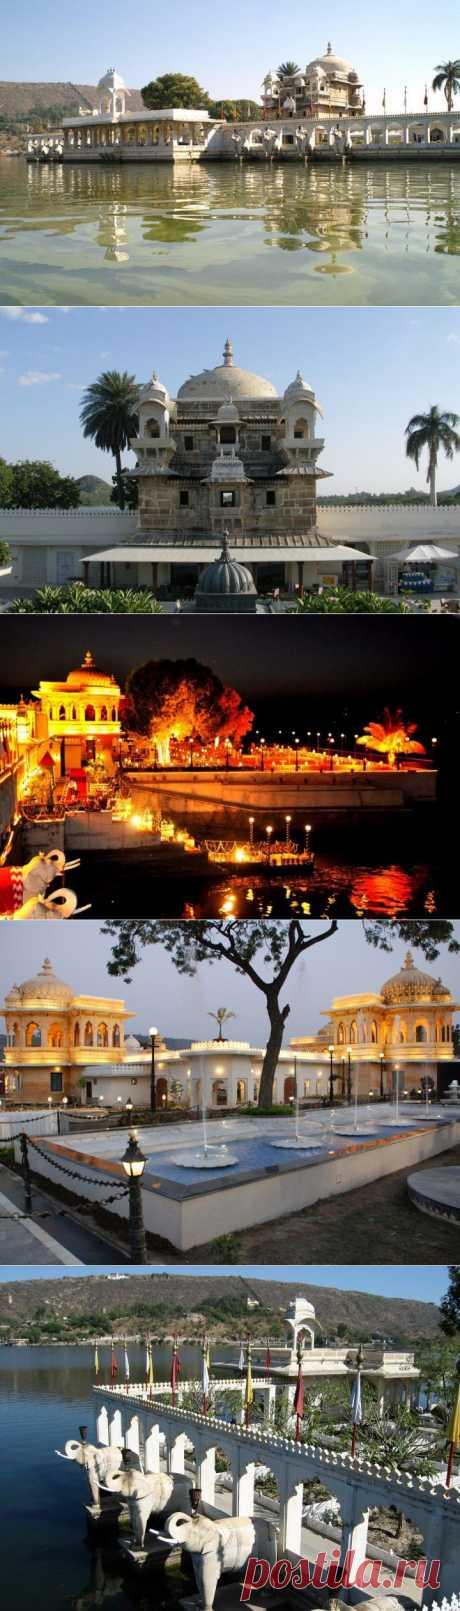 (+1) тема - Джаг Мандир: роскошный средневековый дворец Индии | Среда обитания